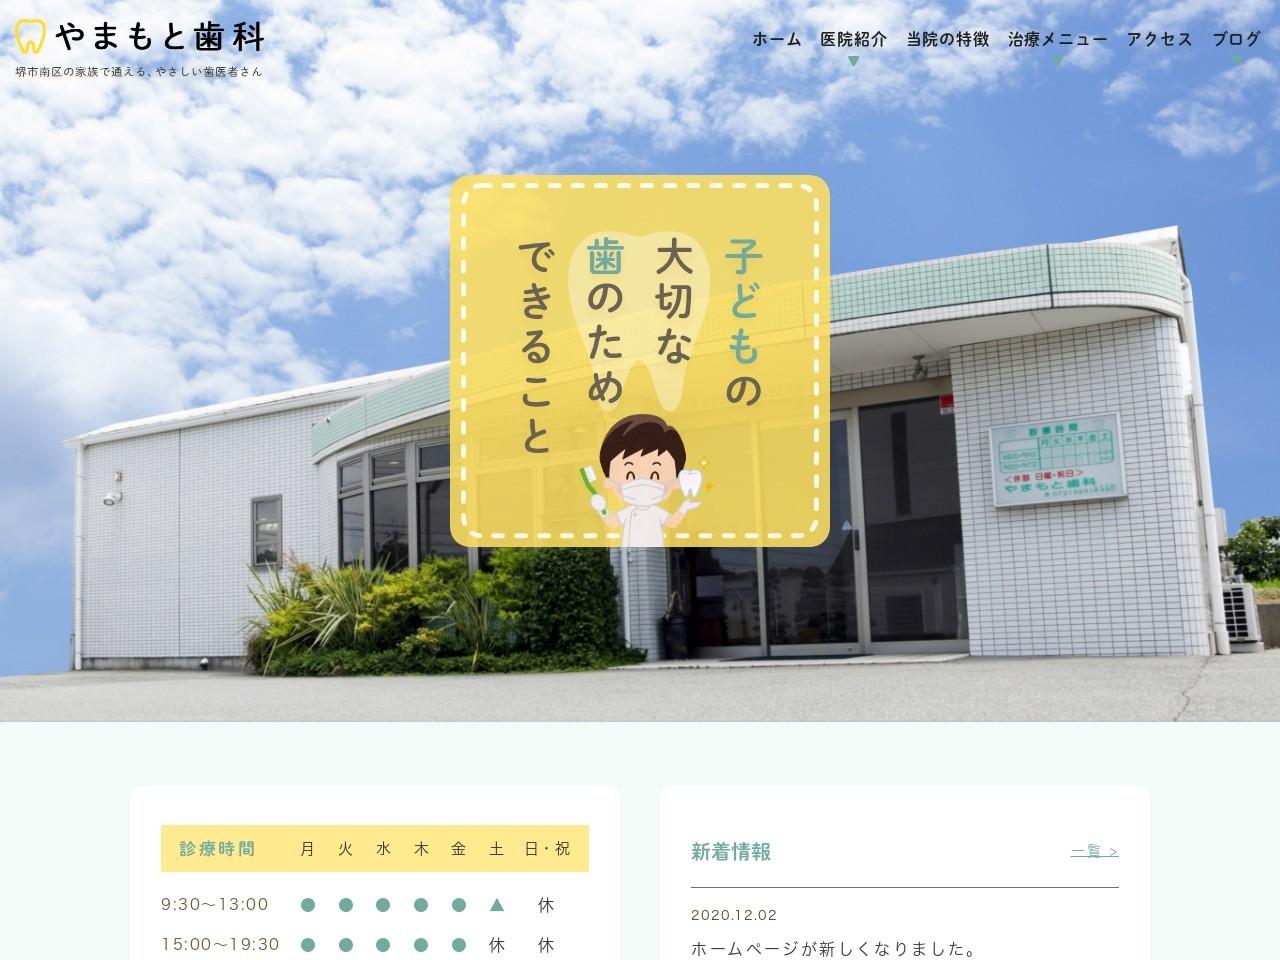 やまもと歯科 (大阪府堺市南区)